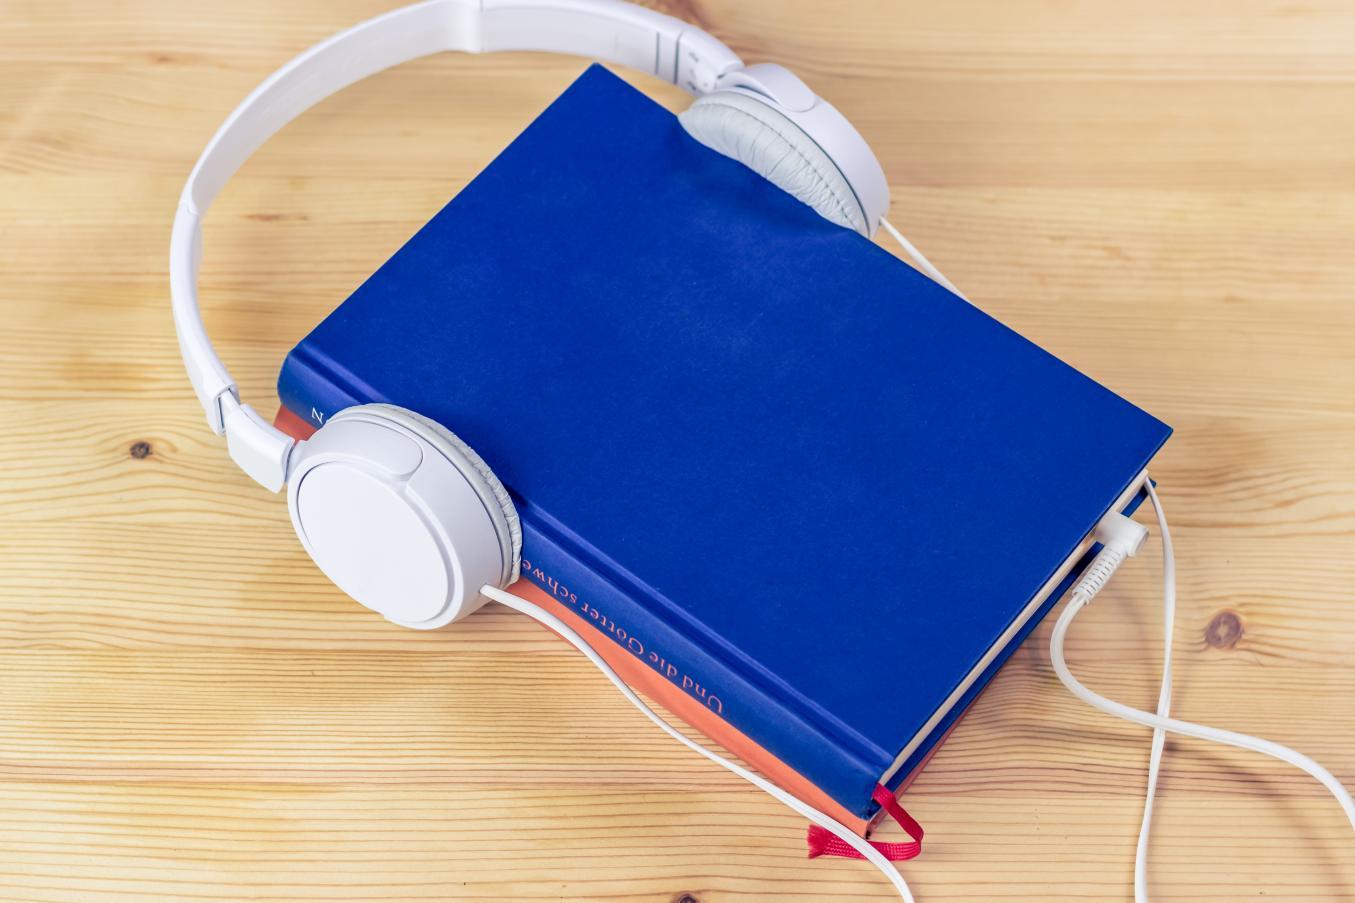 Pöydällä lepää sininen kirja, jonka ympärille on aseteltu valkoiset kuulokkeet.